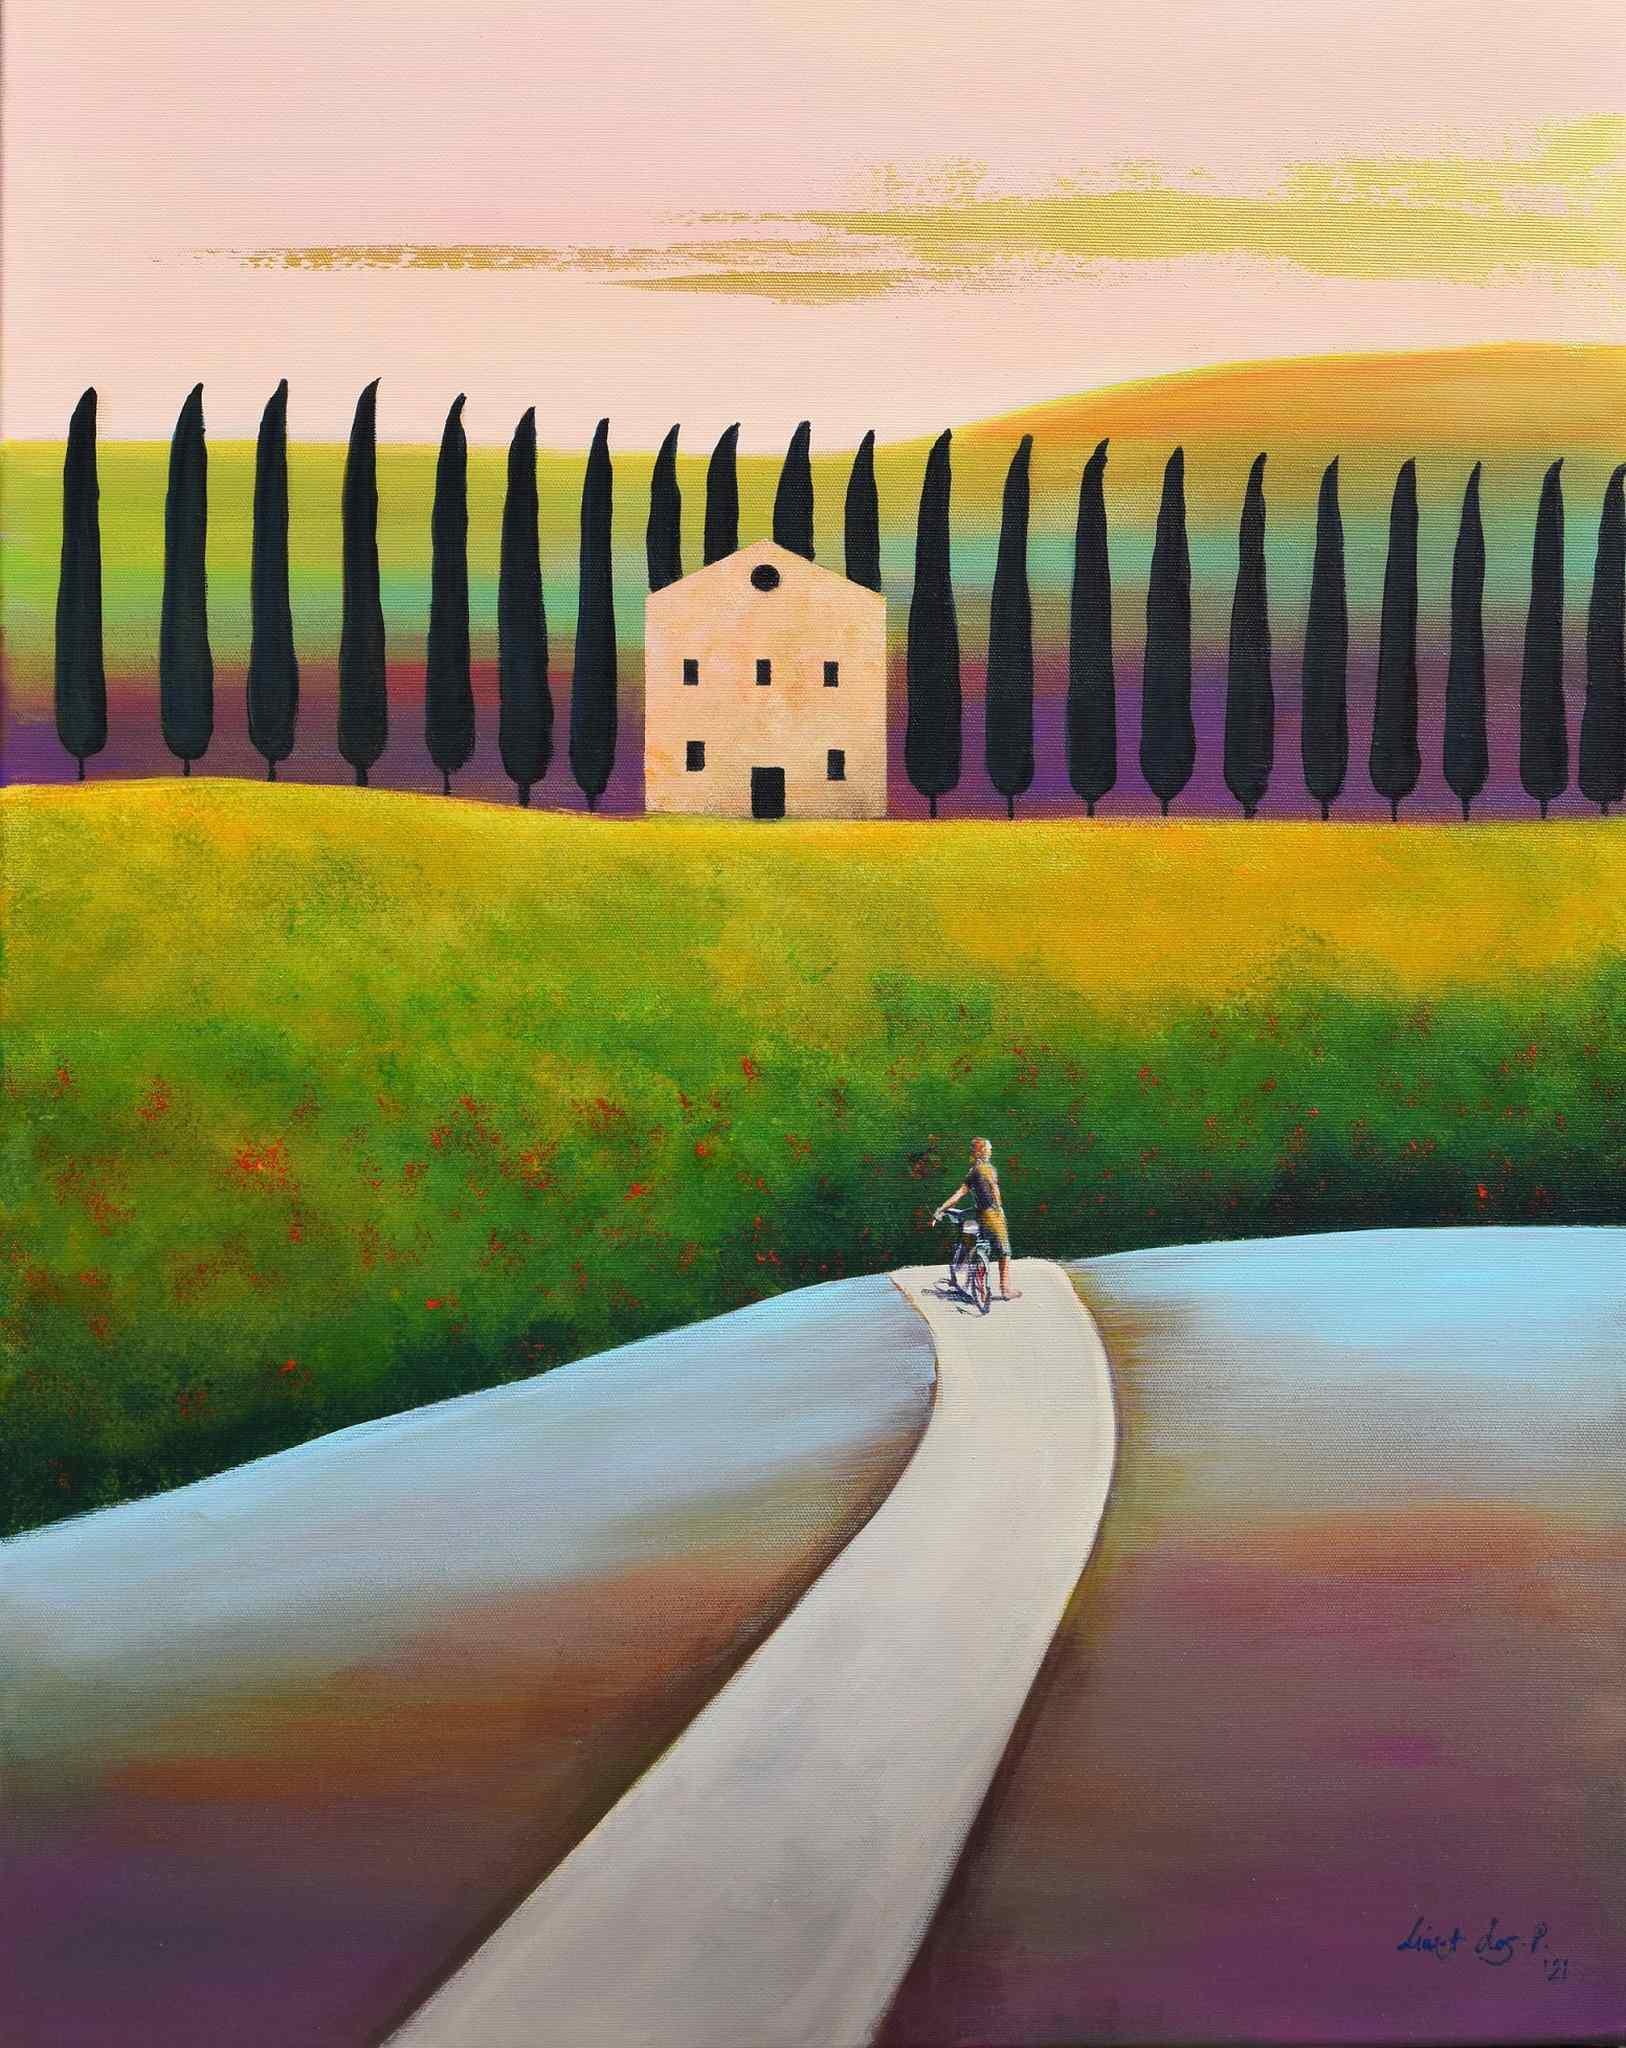 """Fattoria - powrót do domu, z cyklu """"Toskania"""", 2021"""